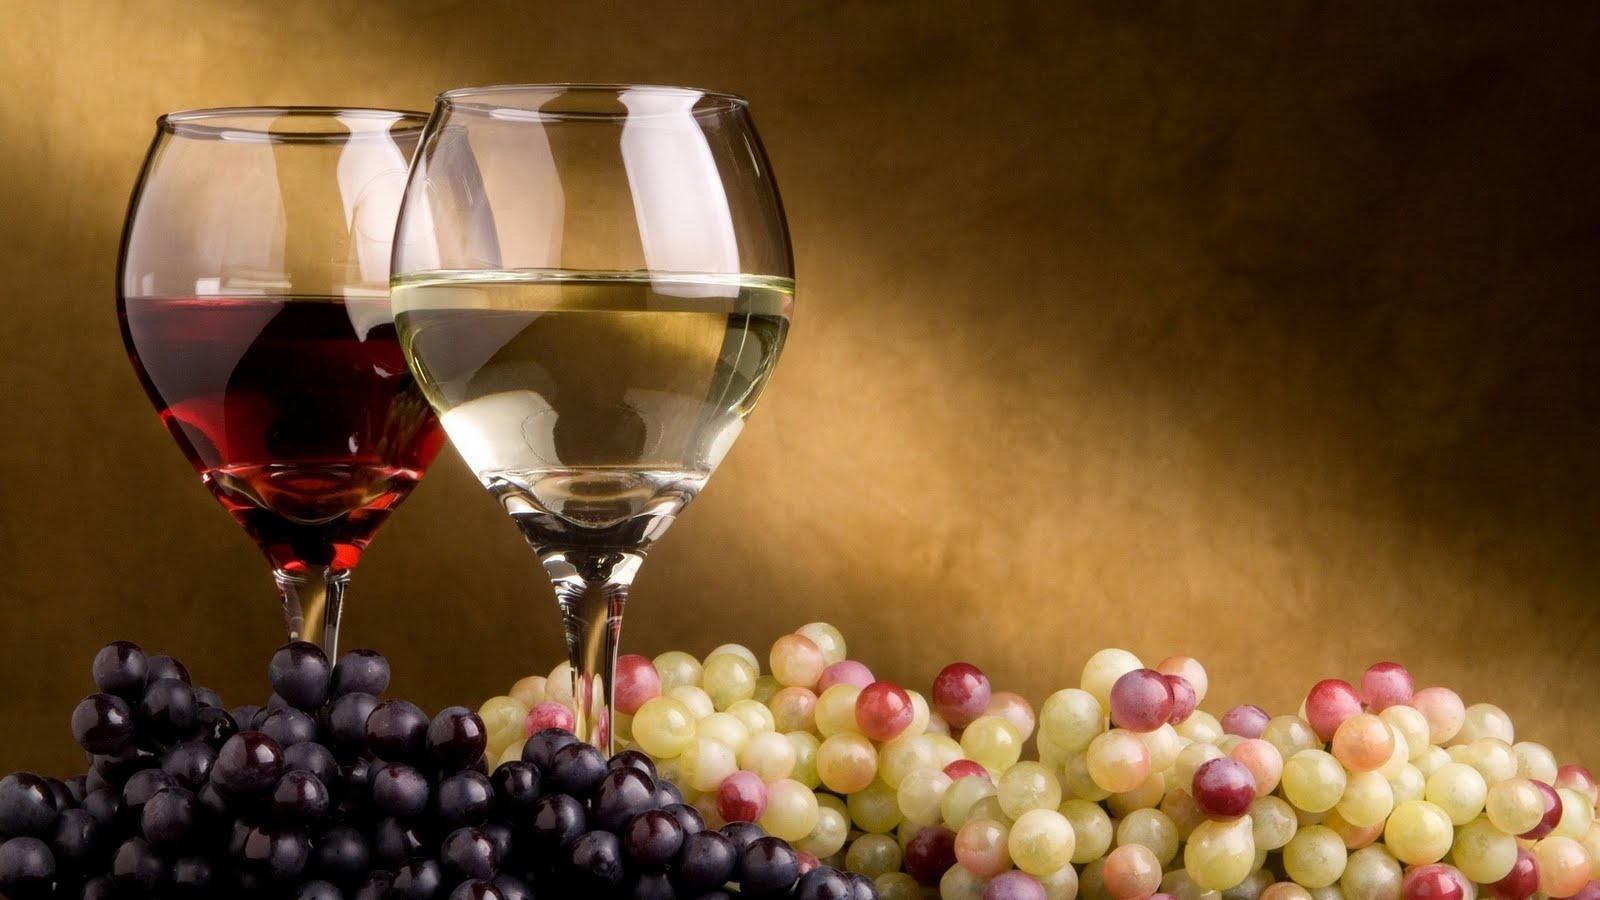 La cave polyvalente : l'accessoire idéal pour les amateurs de vin